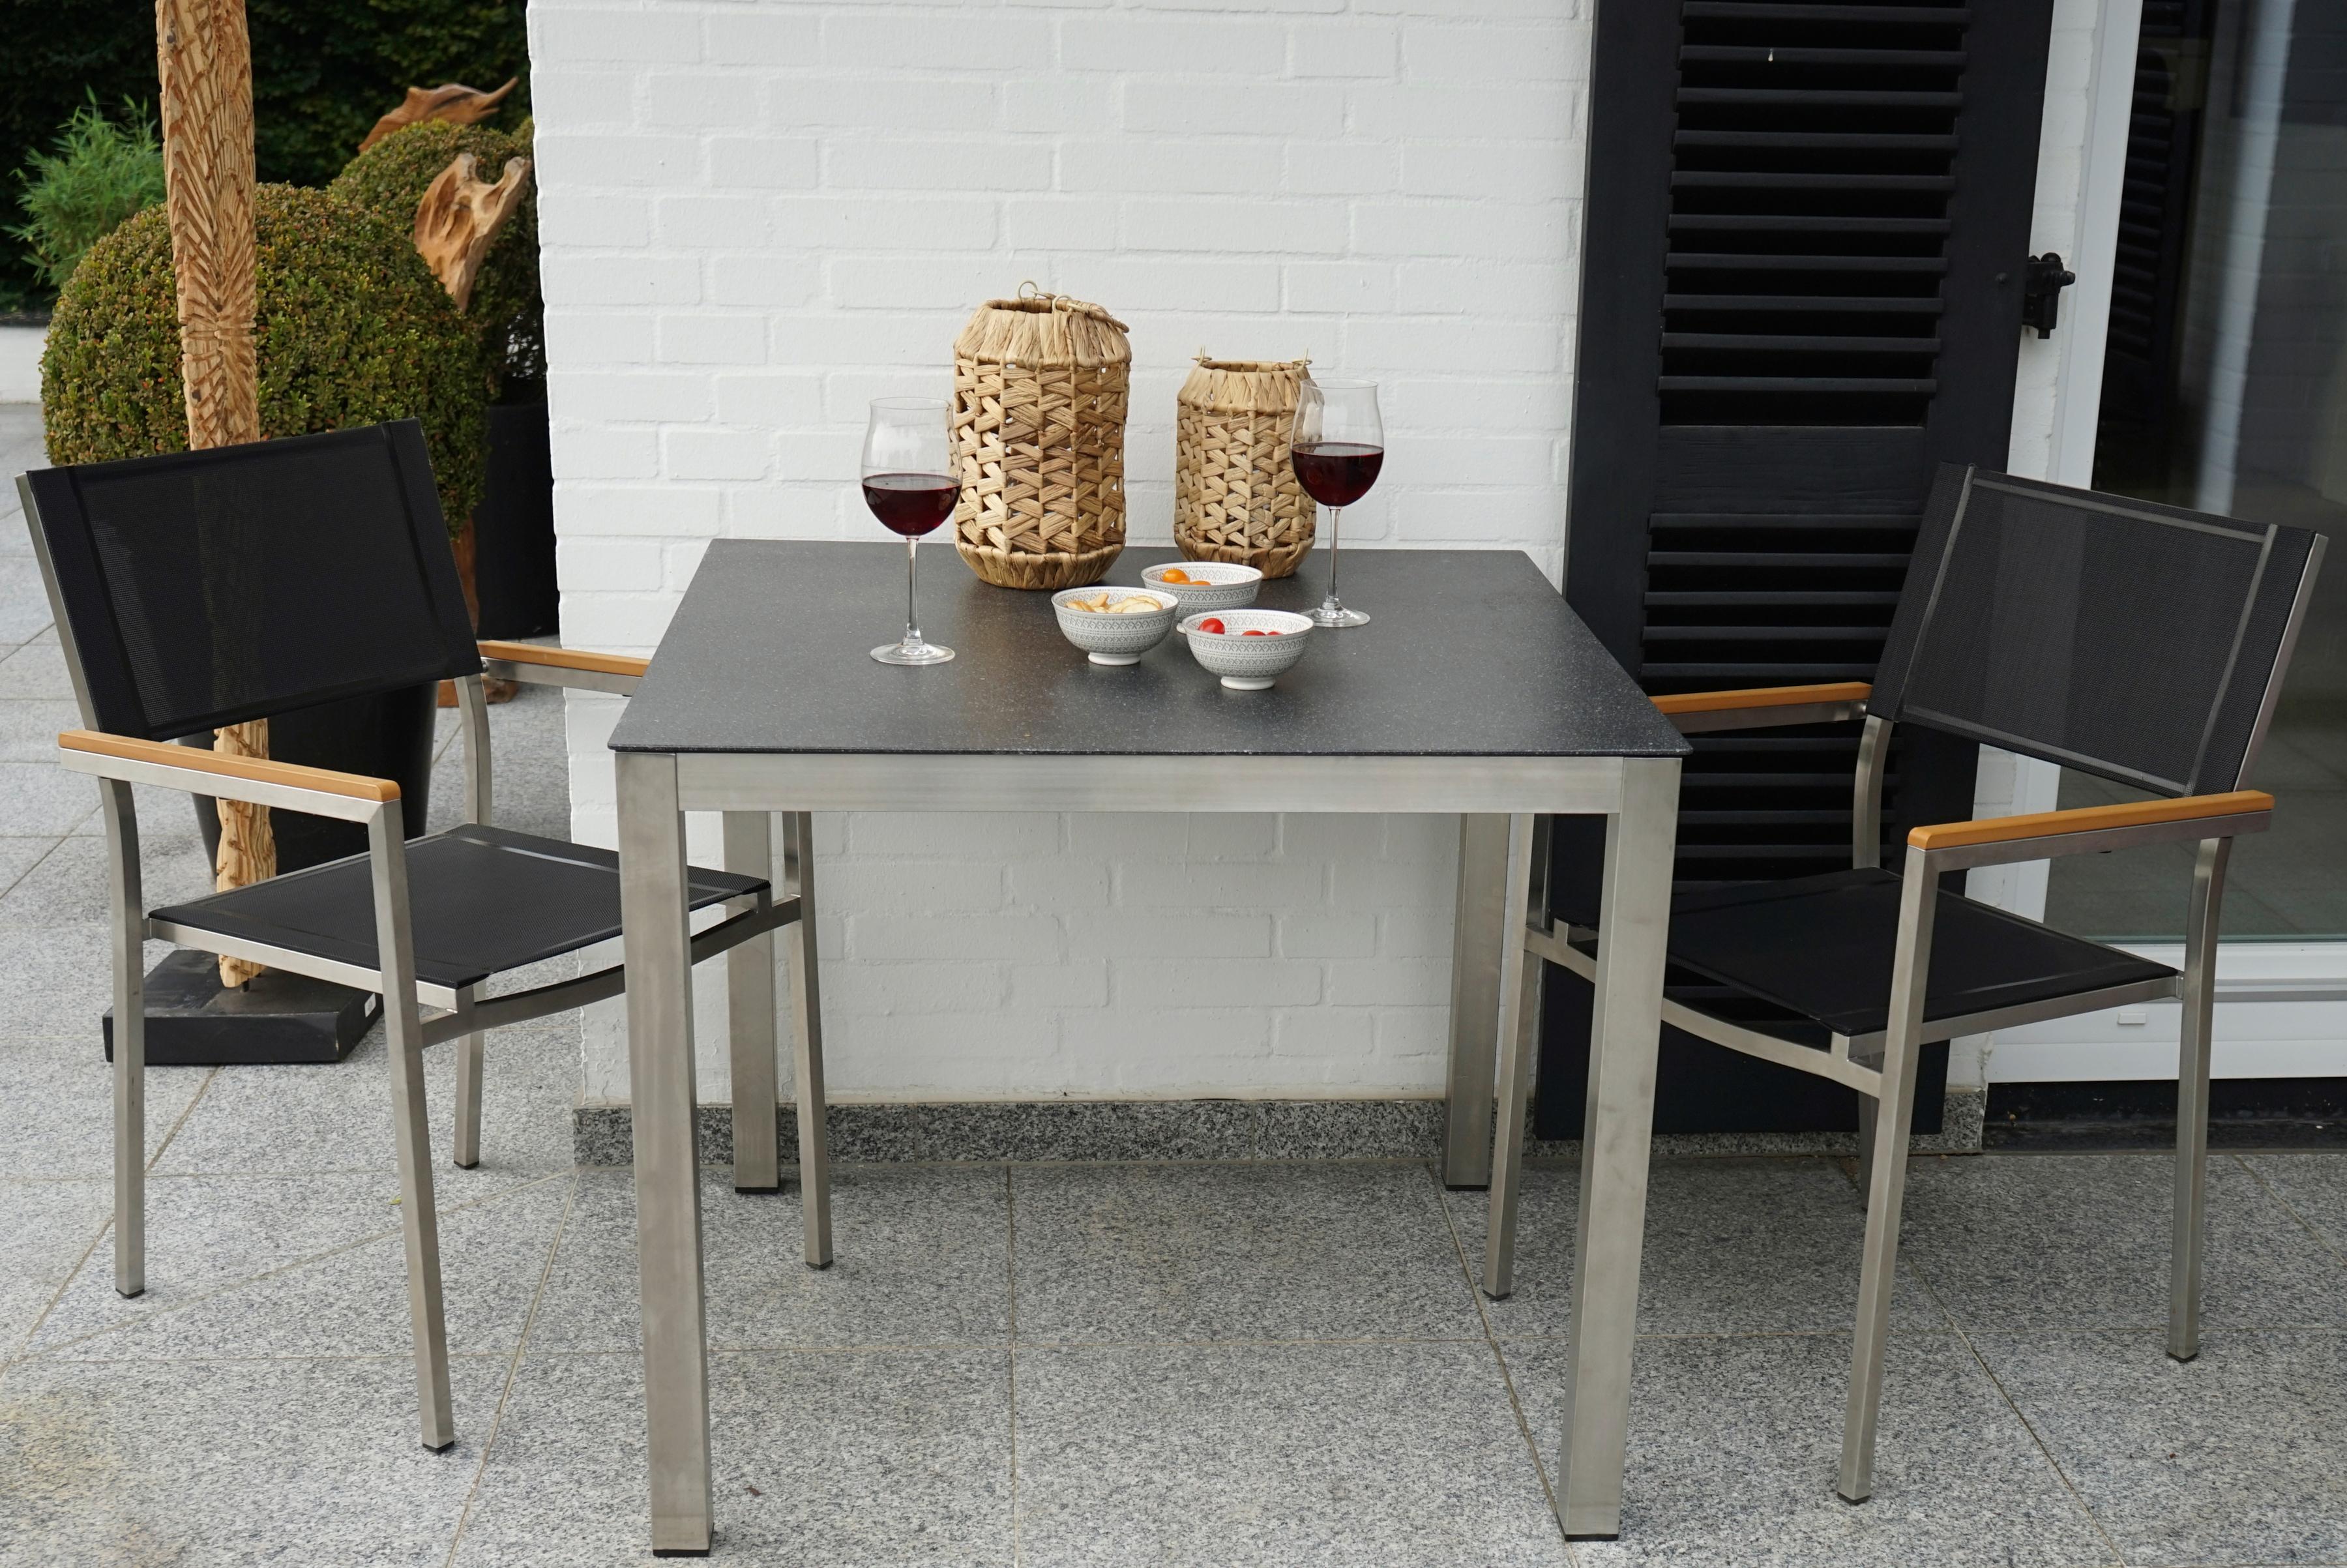 Ploss Gartenmobelset Soho 3 Tlg 2 Stuhle Tisch 90x90 Cm